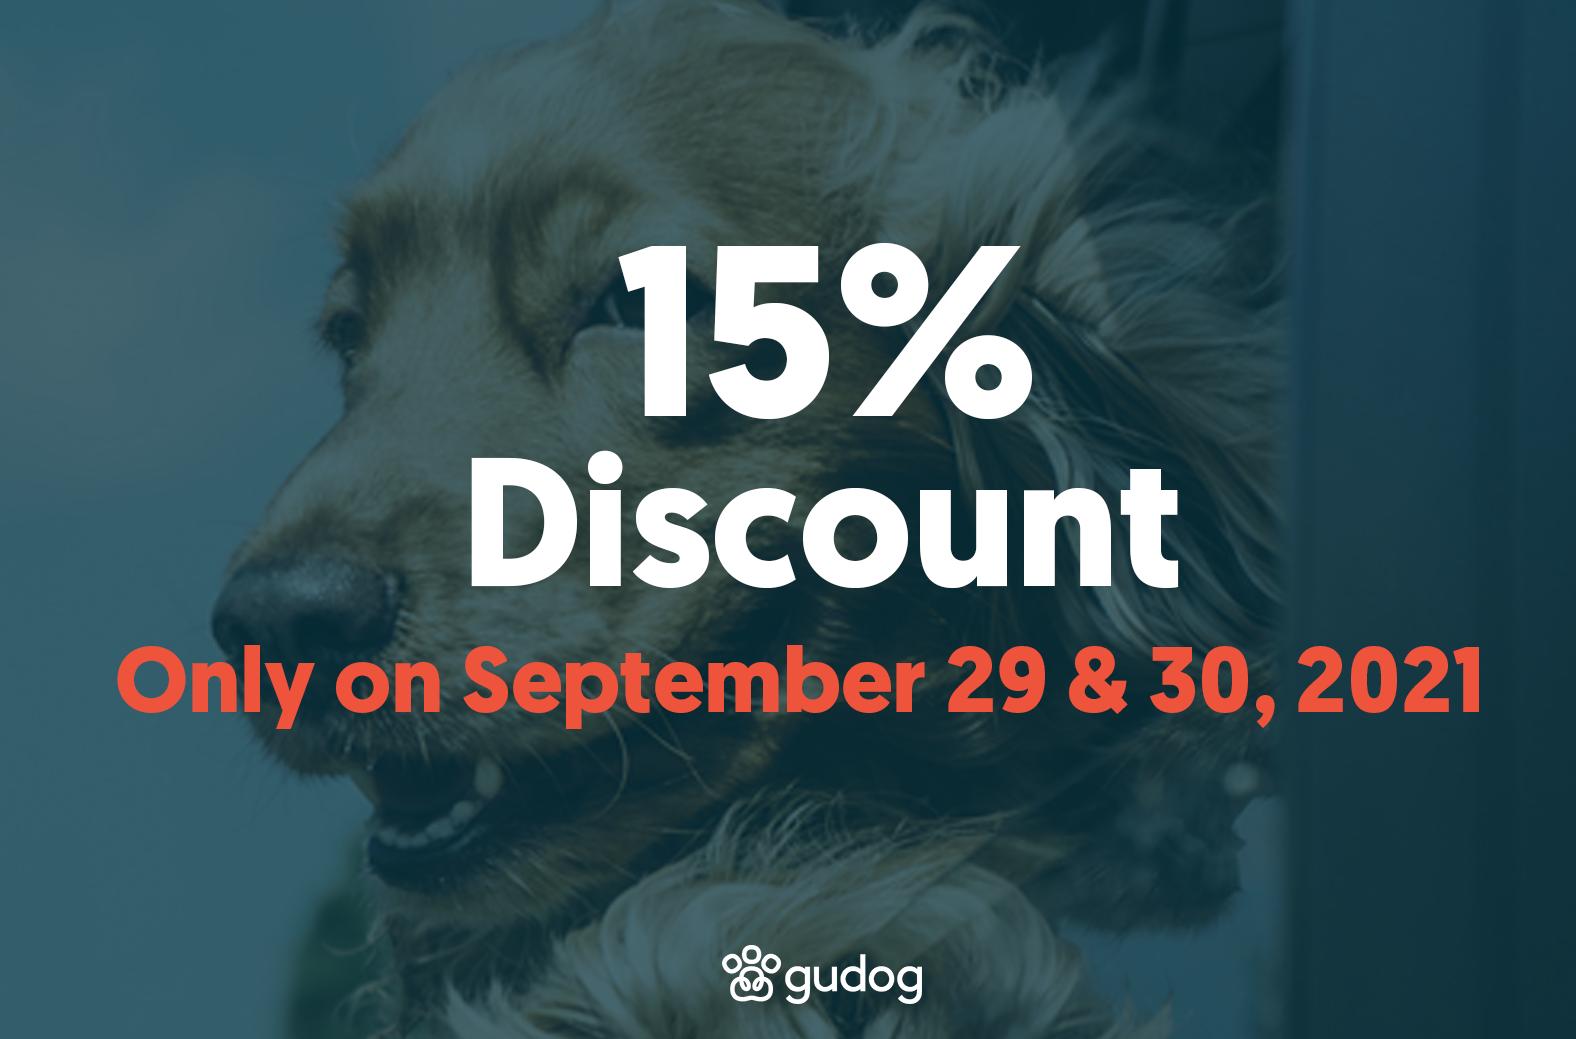 15% discount on Gudog